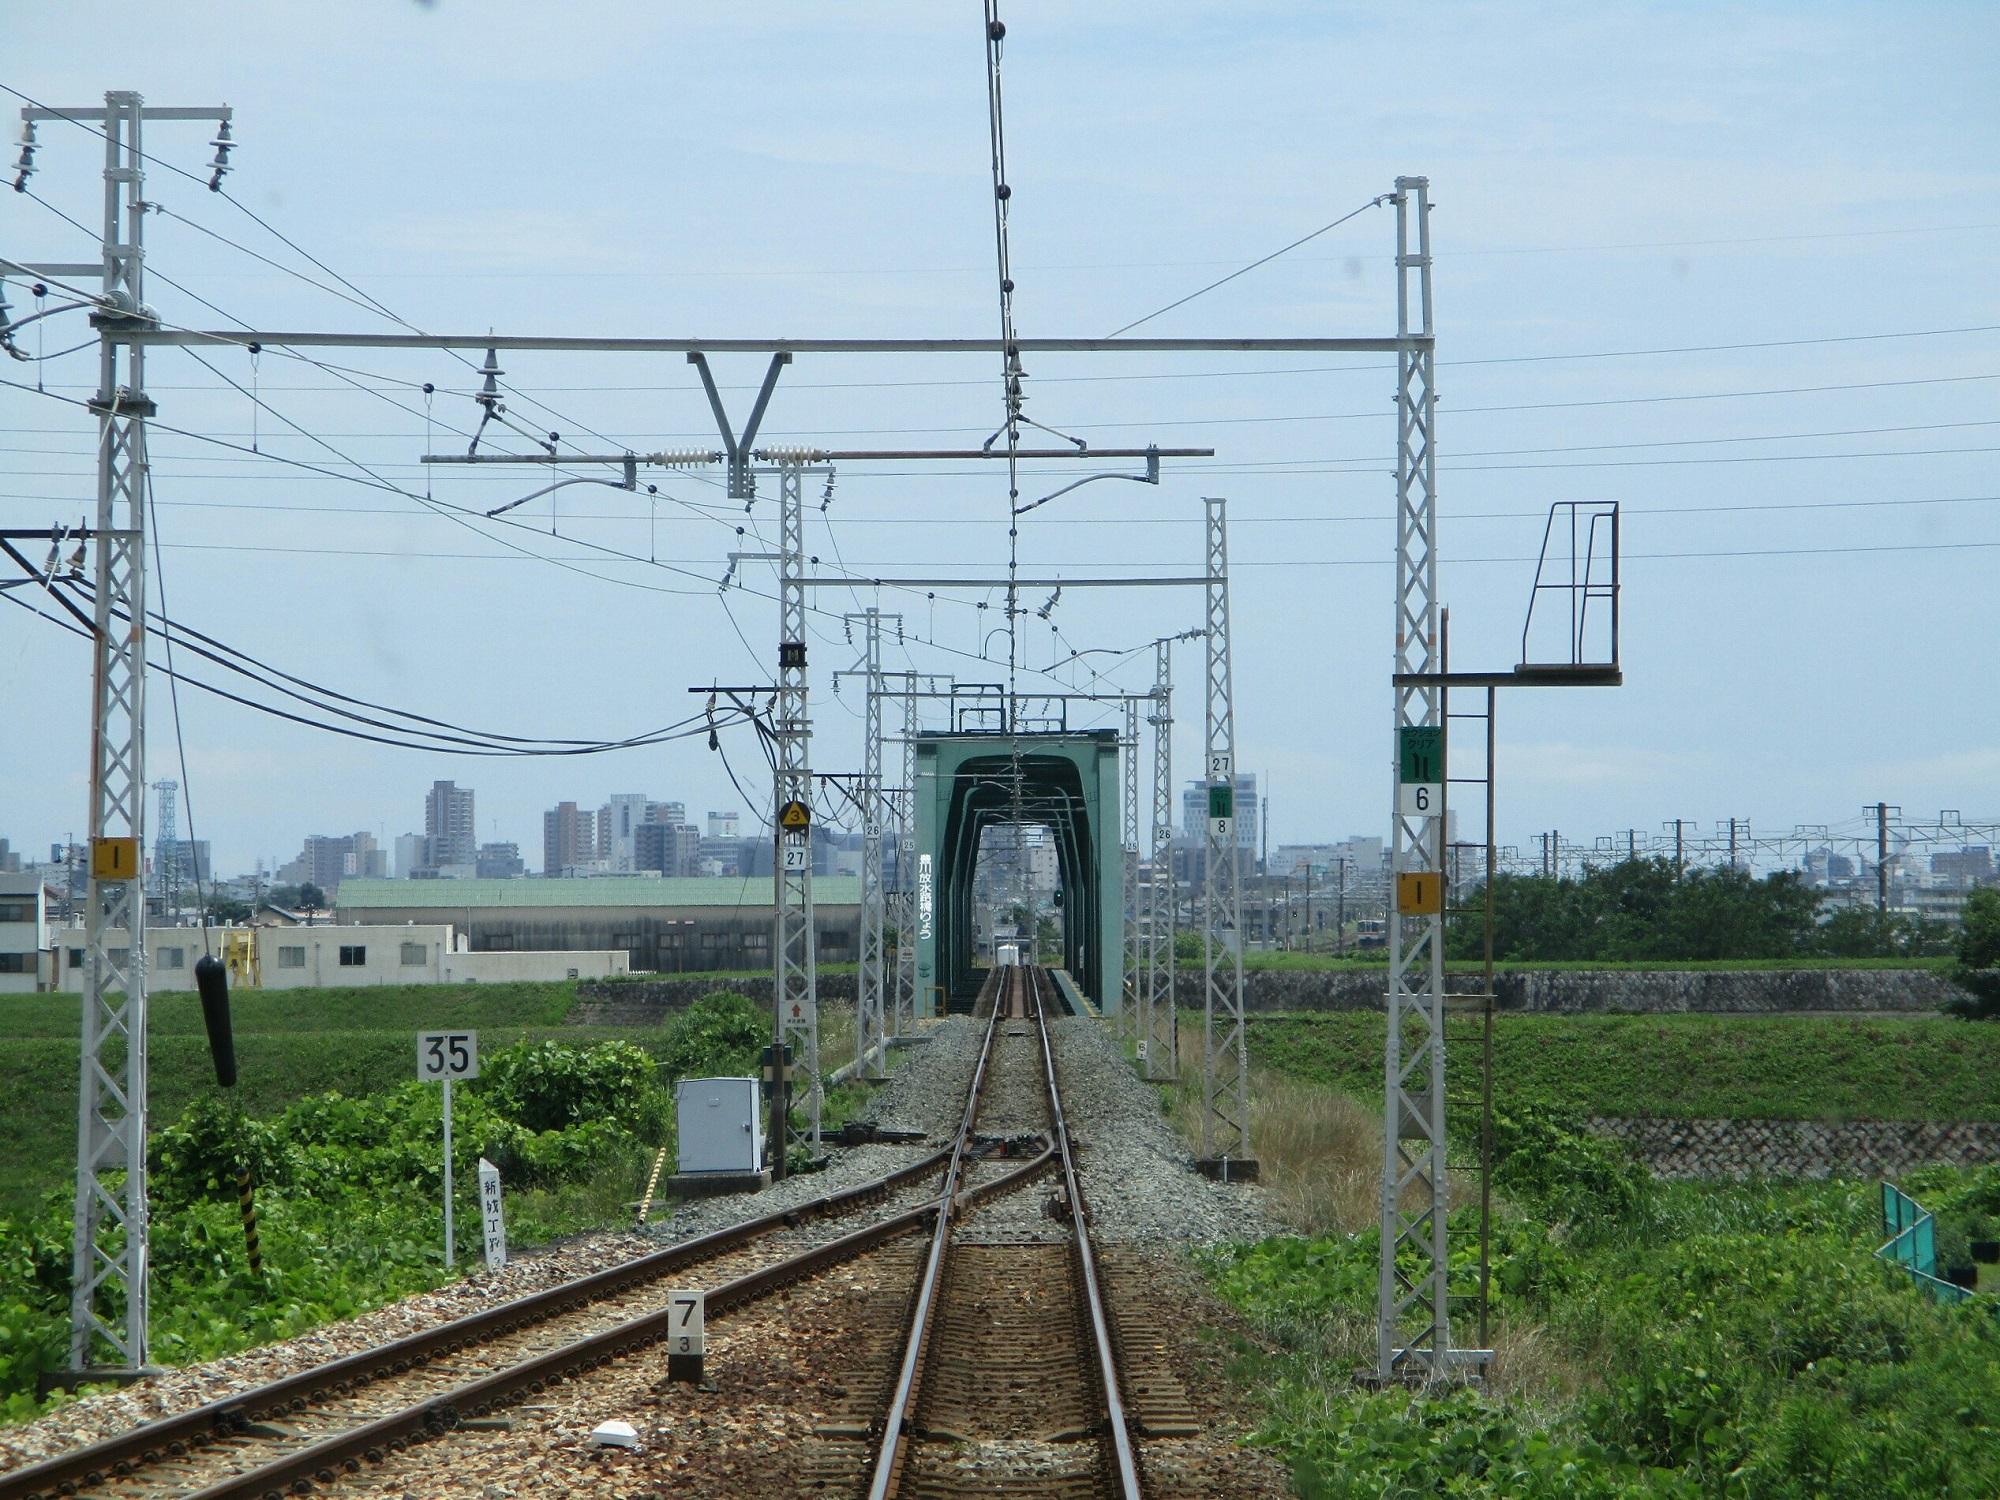 2018.6.19 (48) 豊橋いき急行 - 豊川放水路をわたる 2000-1500